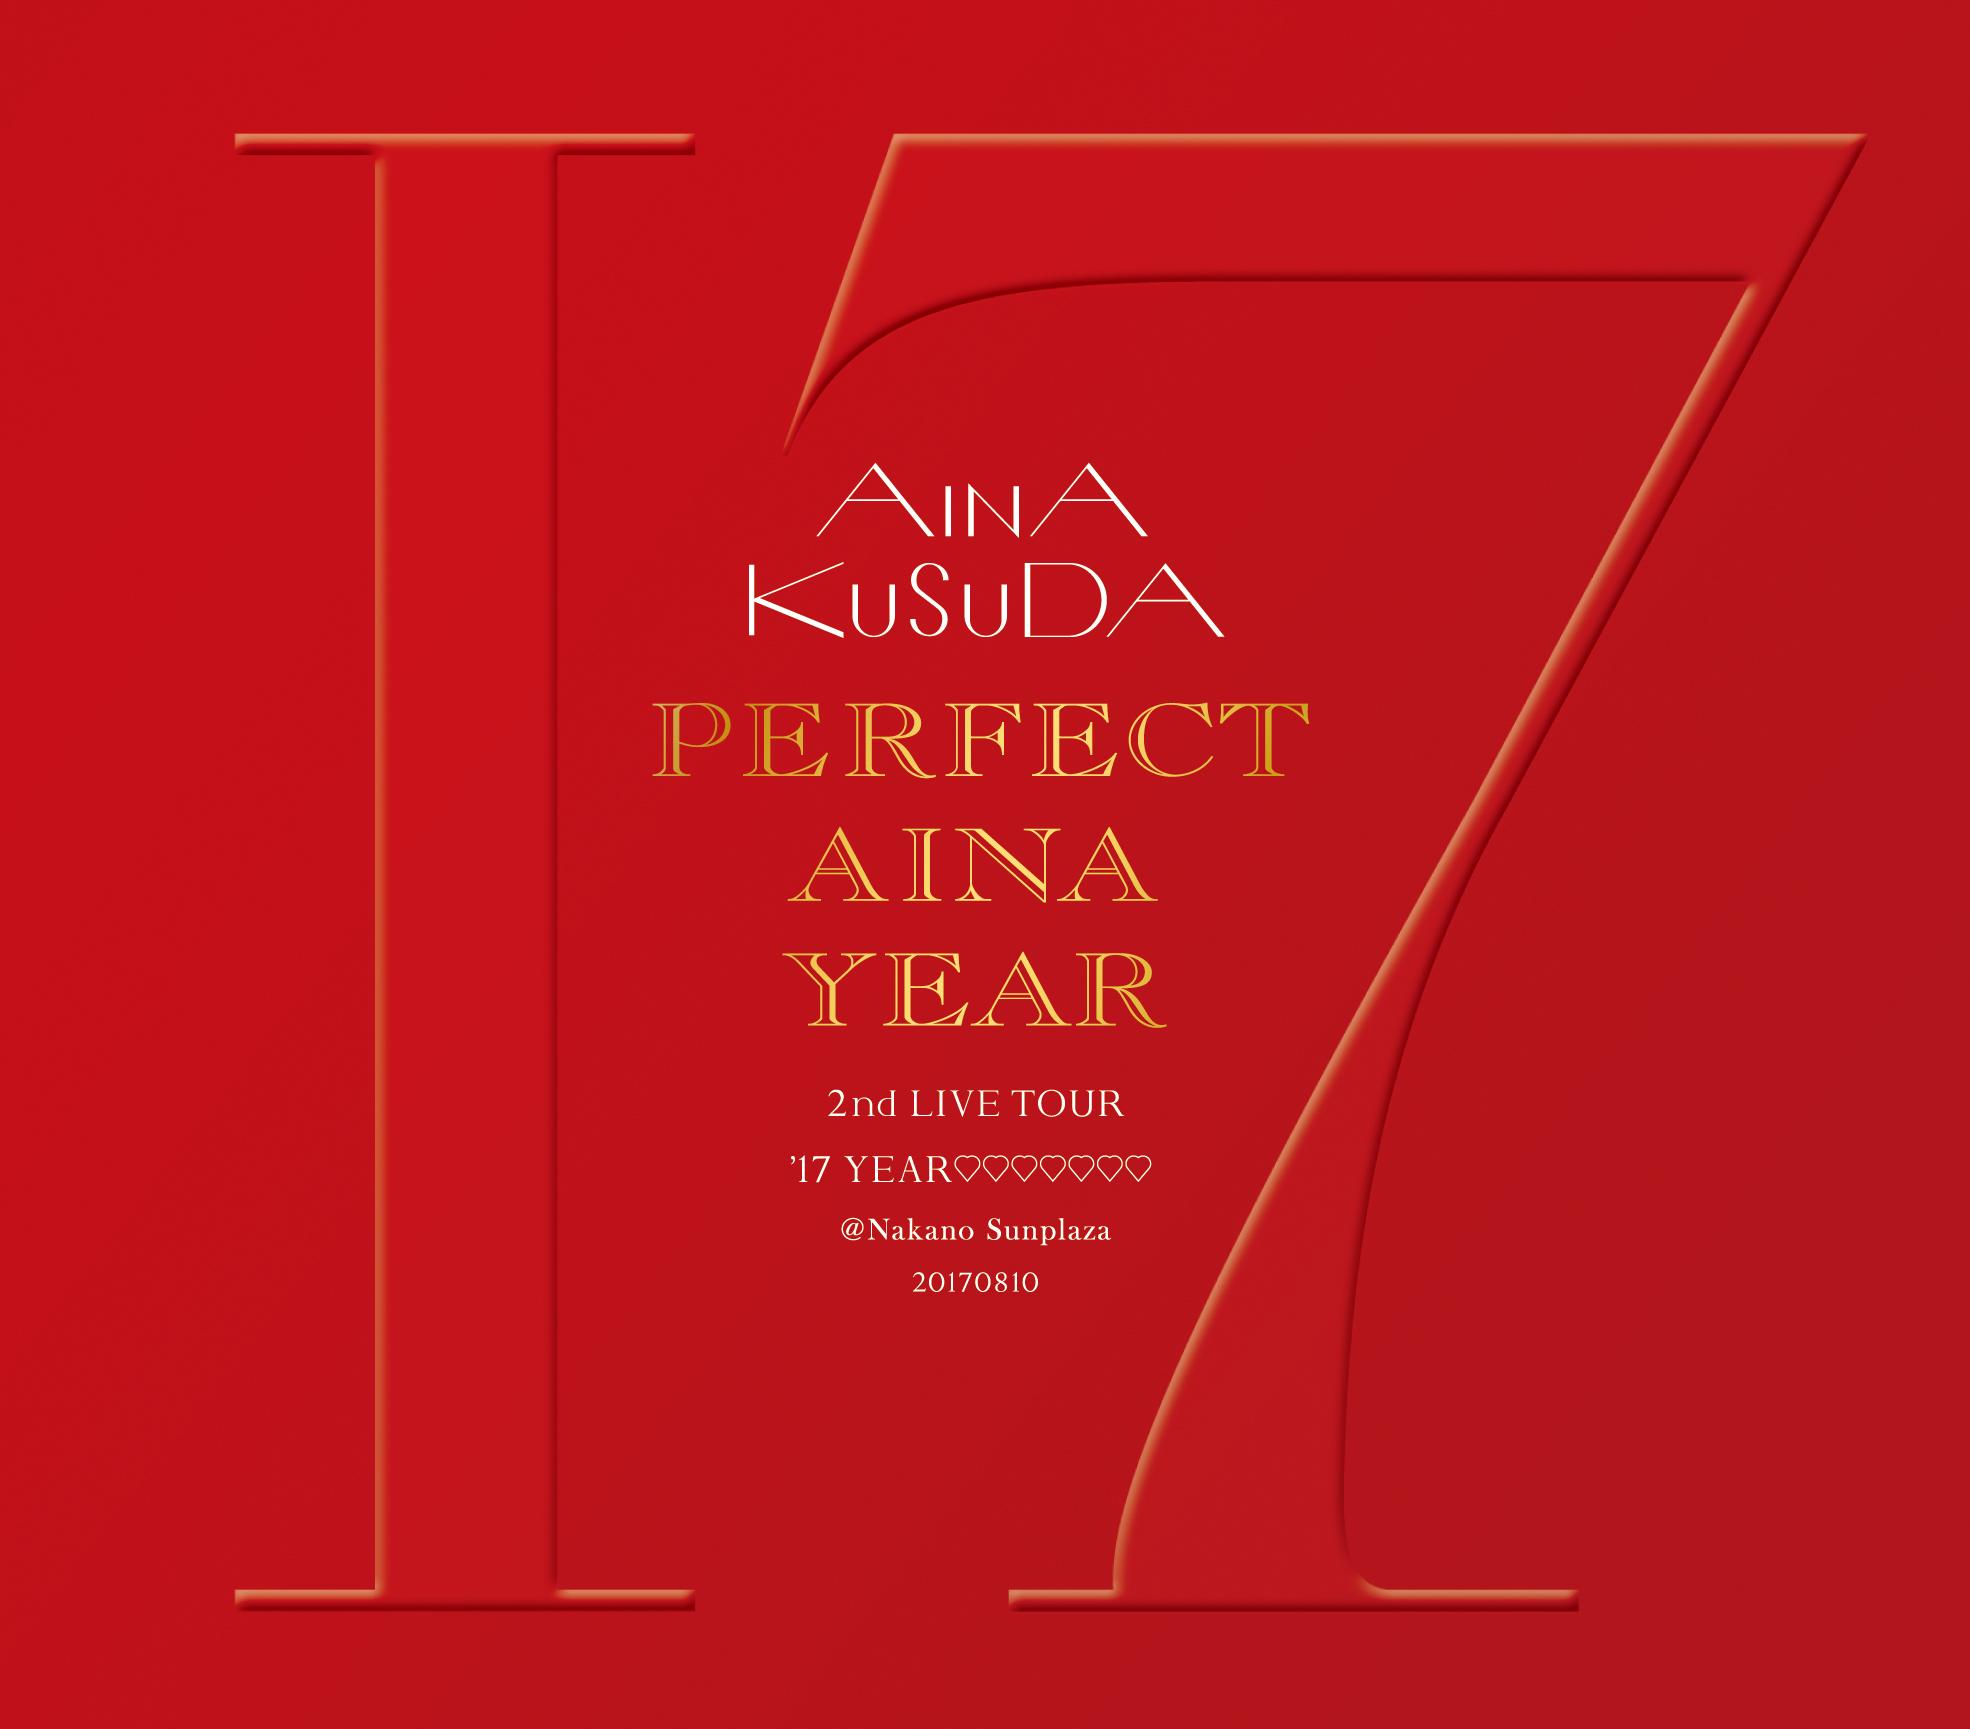 楠田亜衣奈『PERFECT AINA YEAR   2nd LIVE TOUR '17 YEAR♡♡♡♡♡♡♡ @Nakano Sunplaza 20170810』